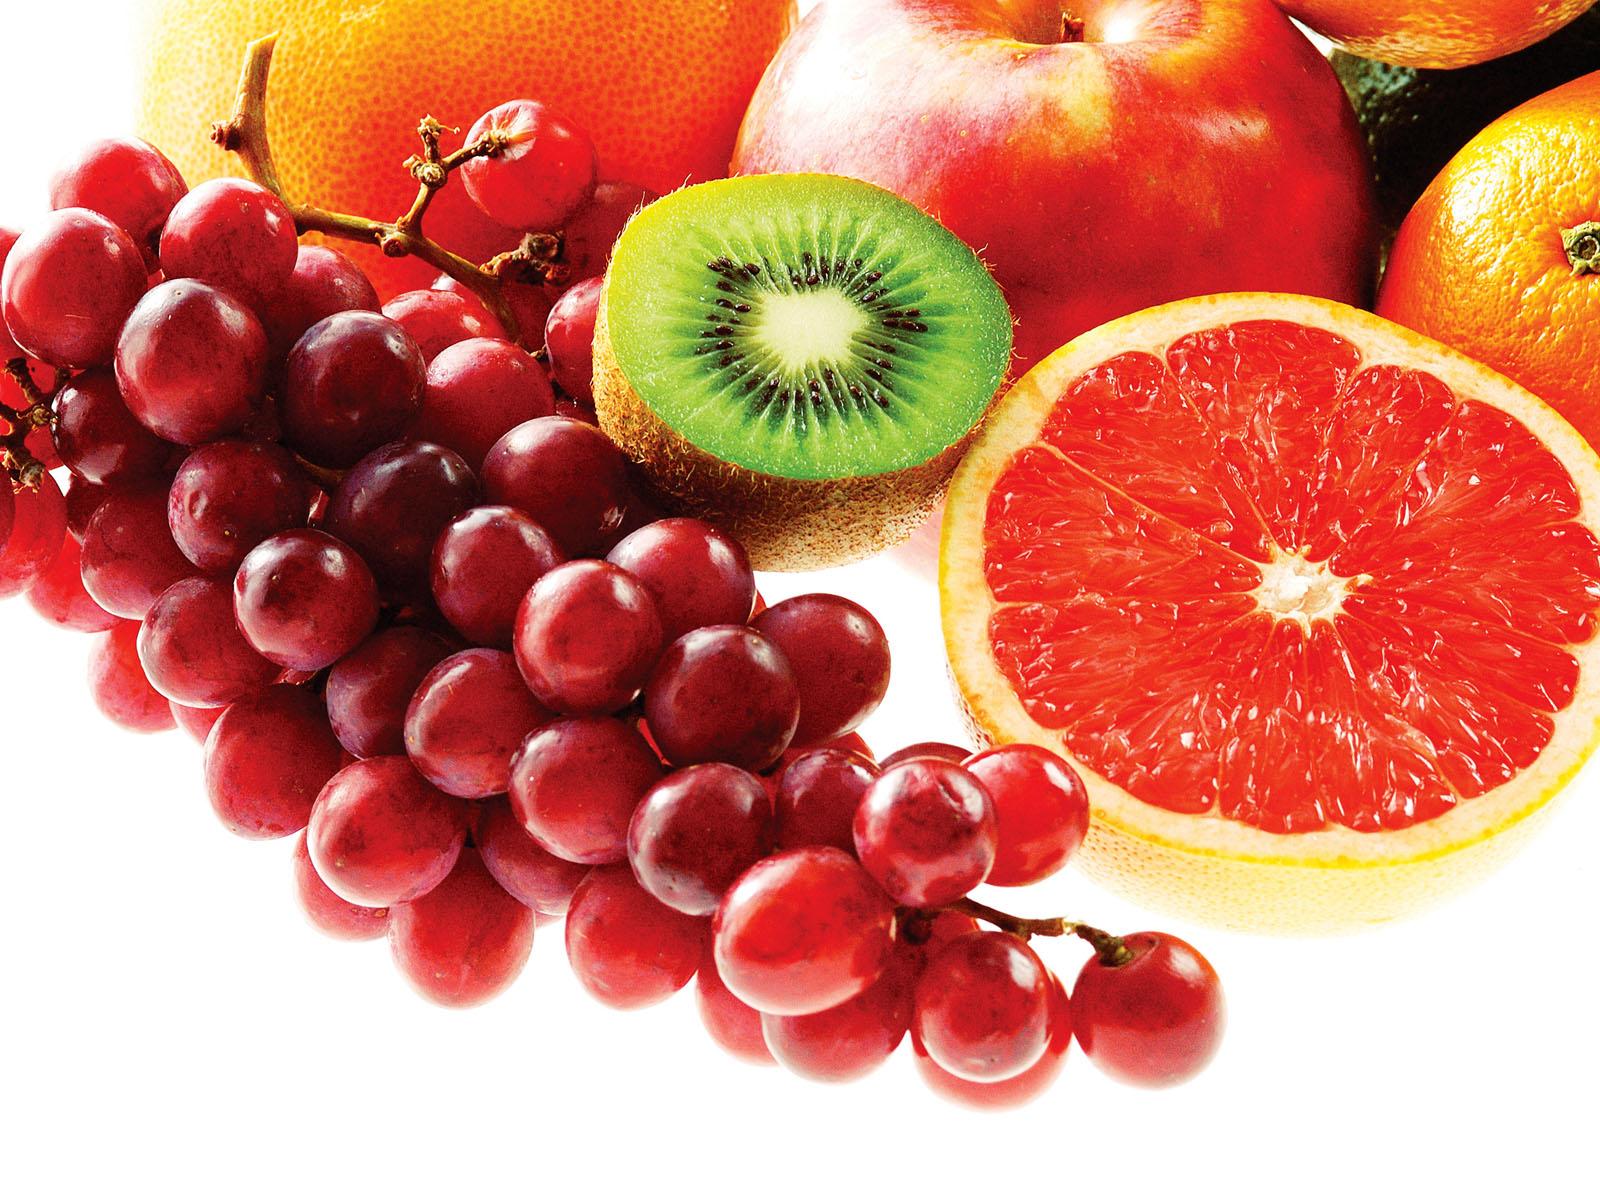 Mancam fructe inainte sau dupa masa? Reguli pe care trebuie sa le stii